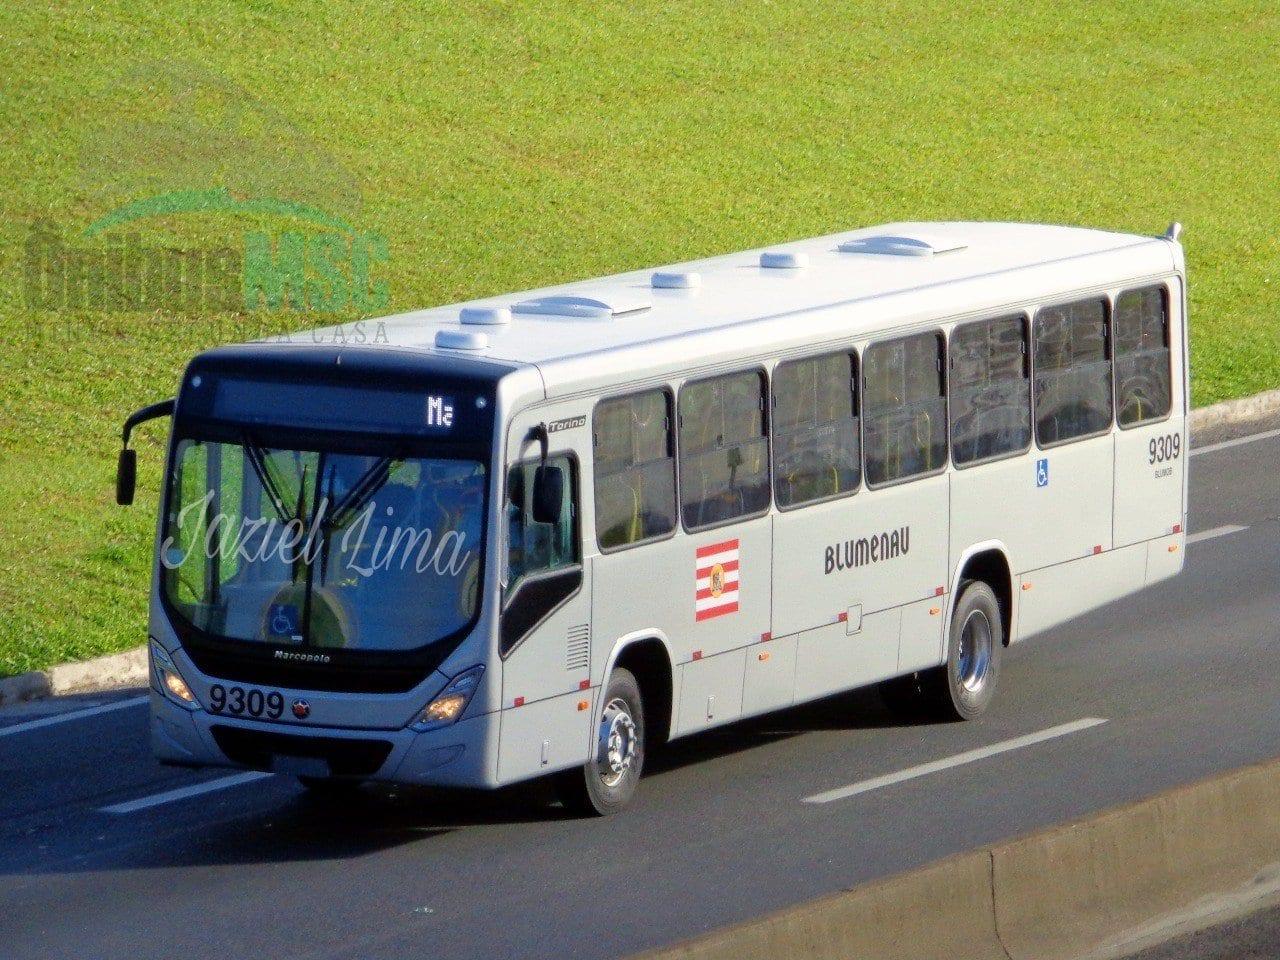 Novos veículos são semelhantes aos que já circulam (Jaziel Lima/Ônibus Minha Segunda Casa)